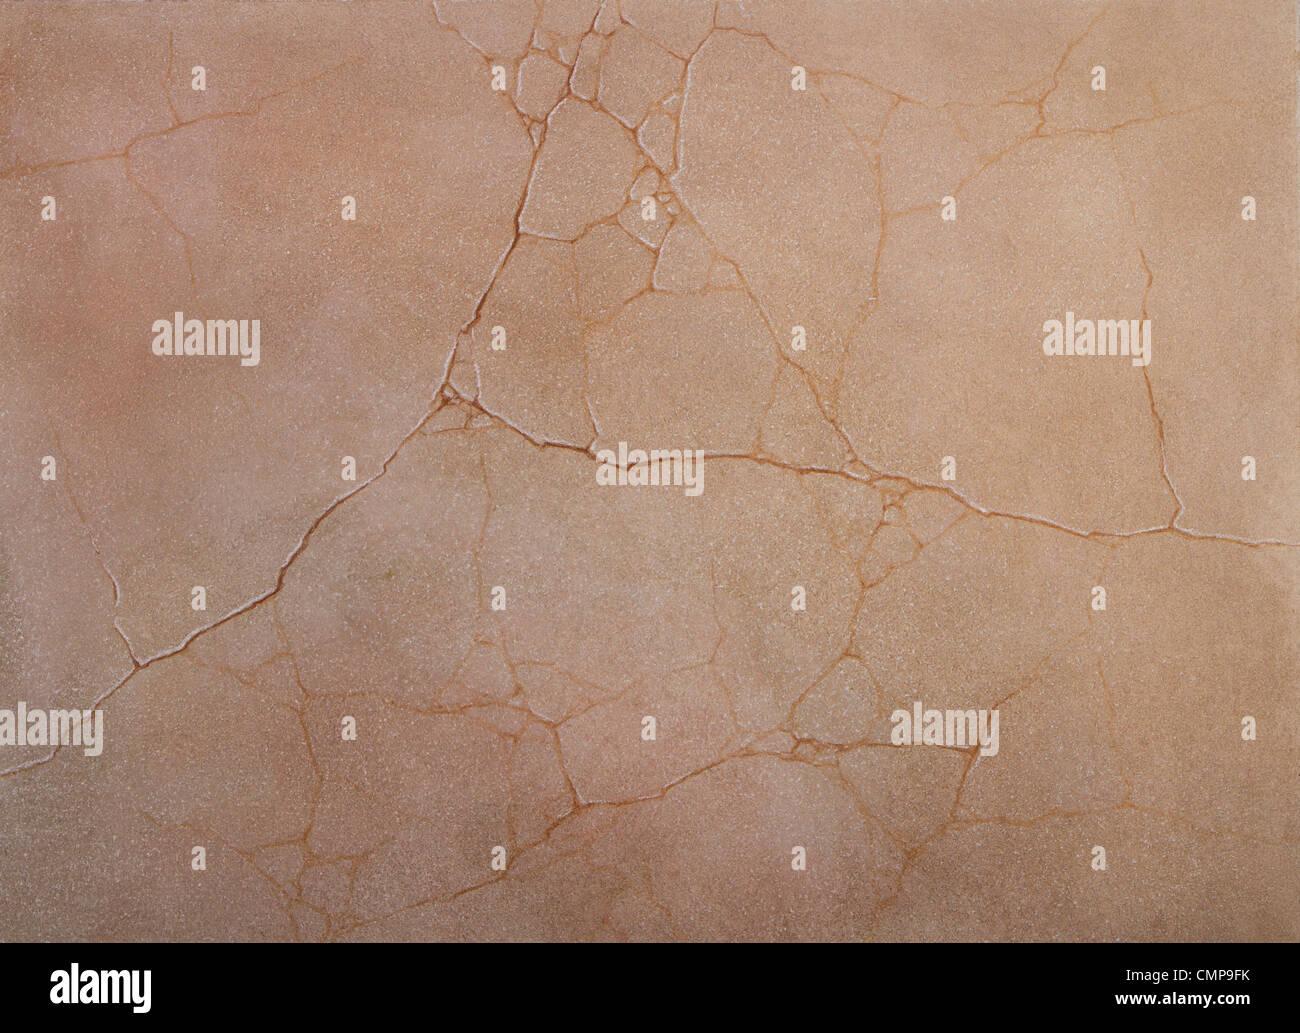 grobe Textur des Zements rissige Wände mit rosa Farbe Stockbild